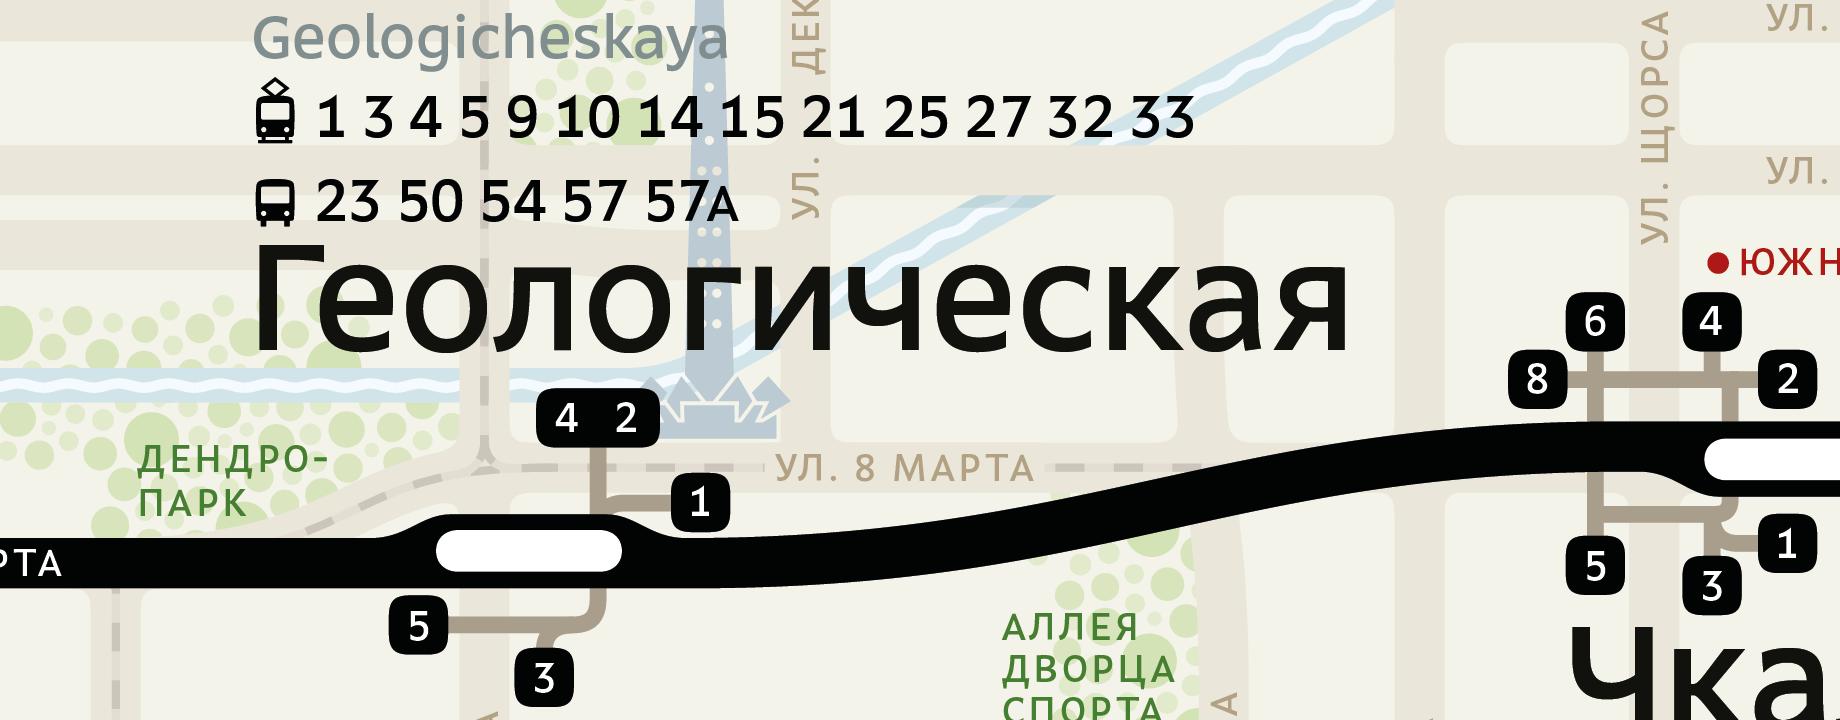 Схема метро Екатеринбурга